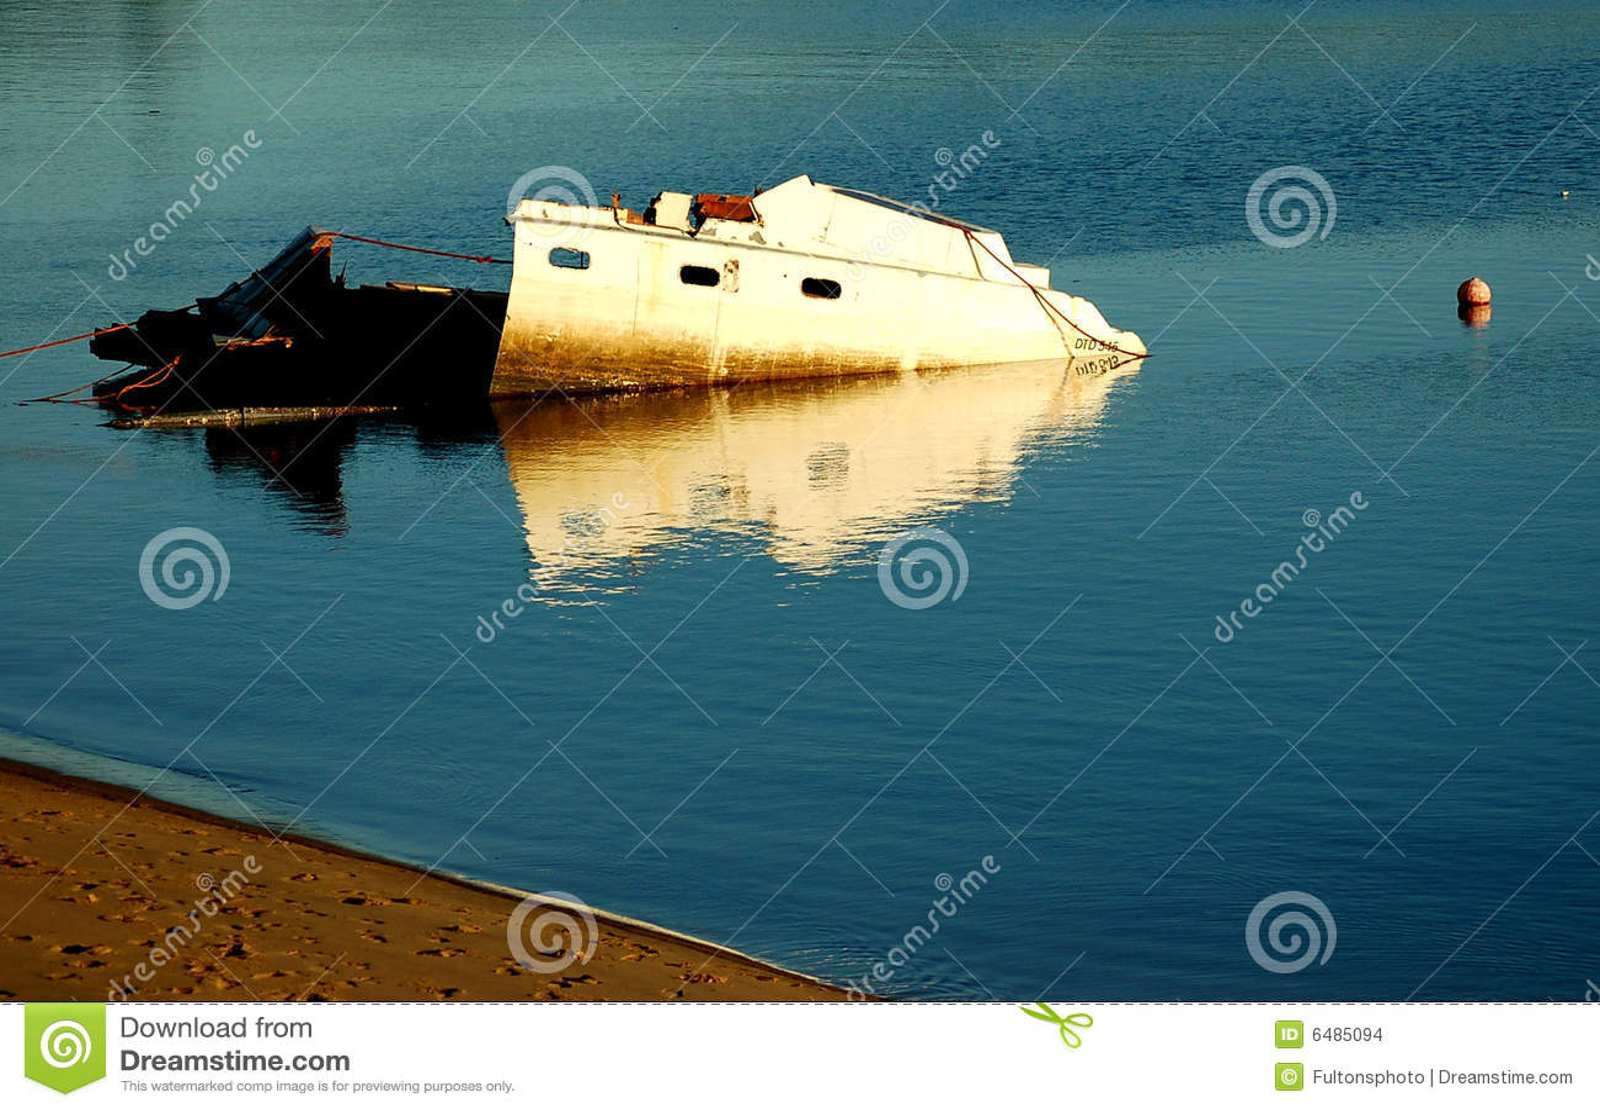 Skadlig shiphaveri